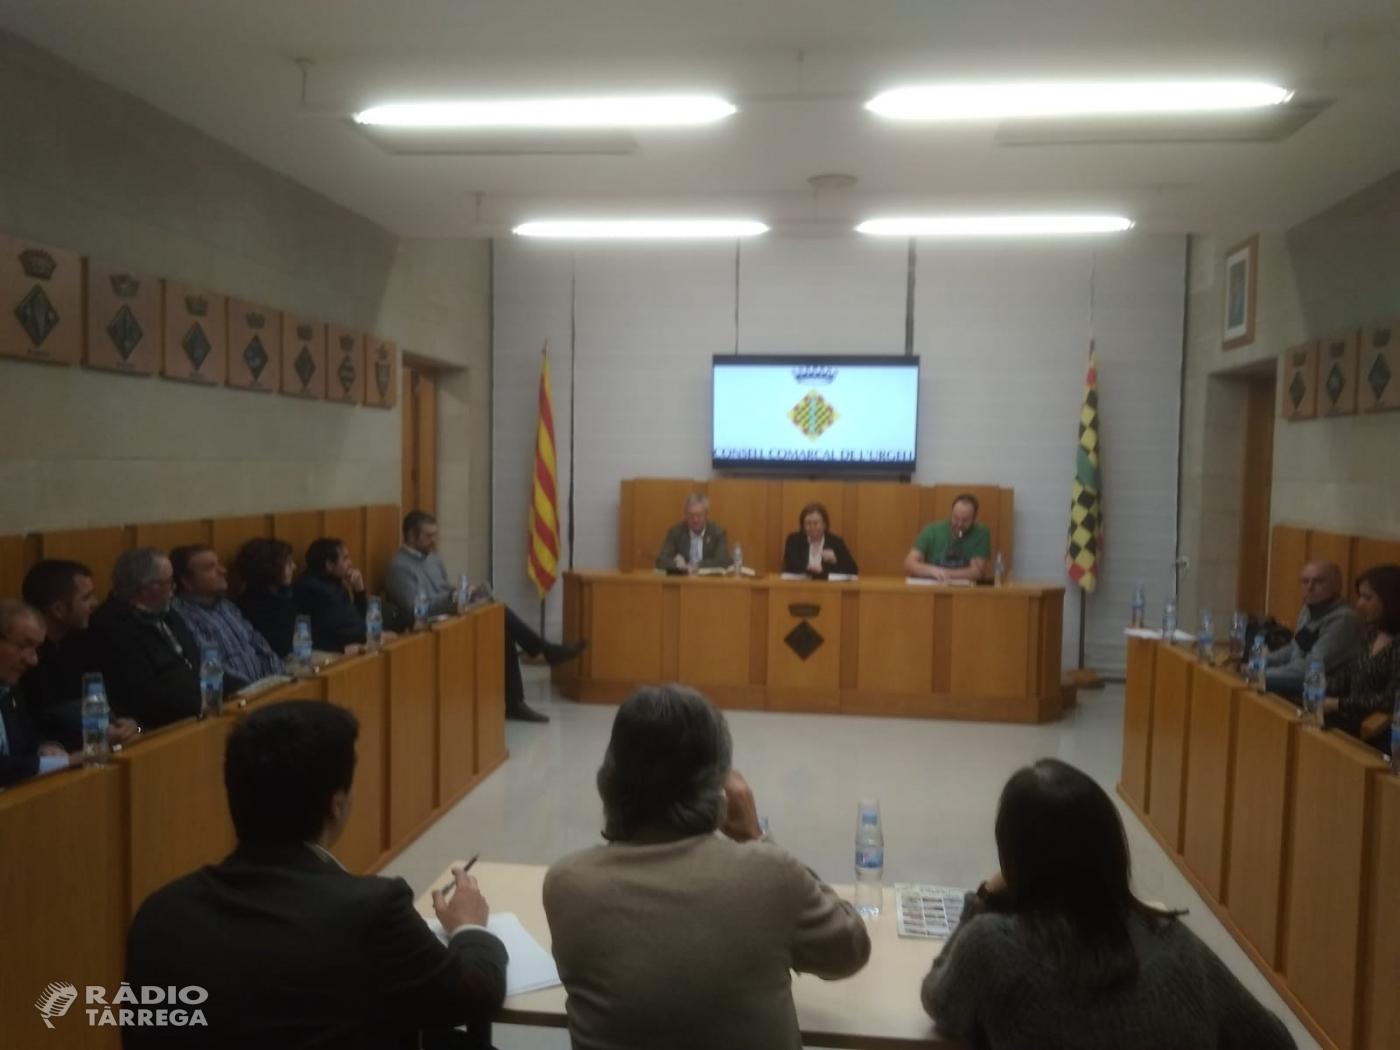 El pressupost del 2019 del Consell Comarcal de l'Urgell augmenta la partida destinada a Serveis Socials